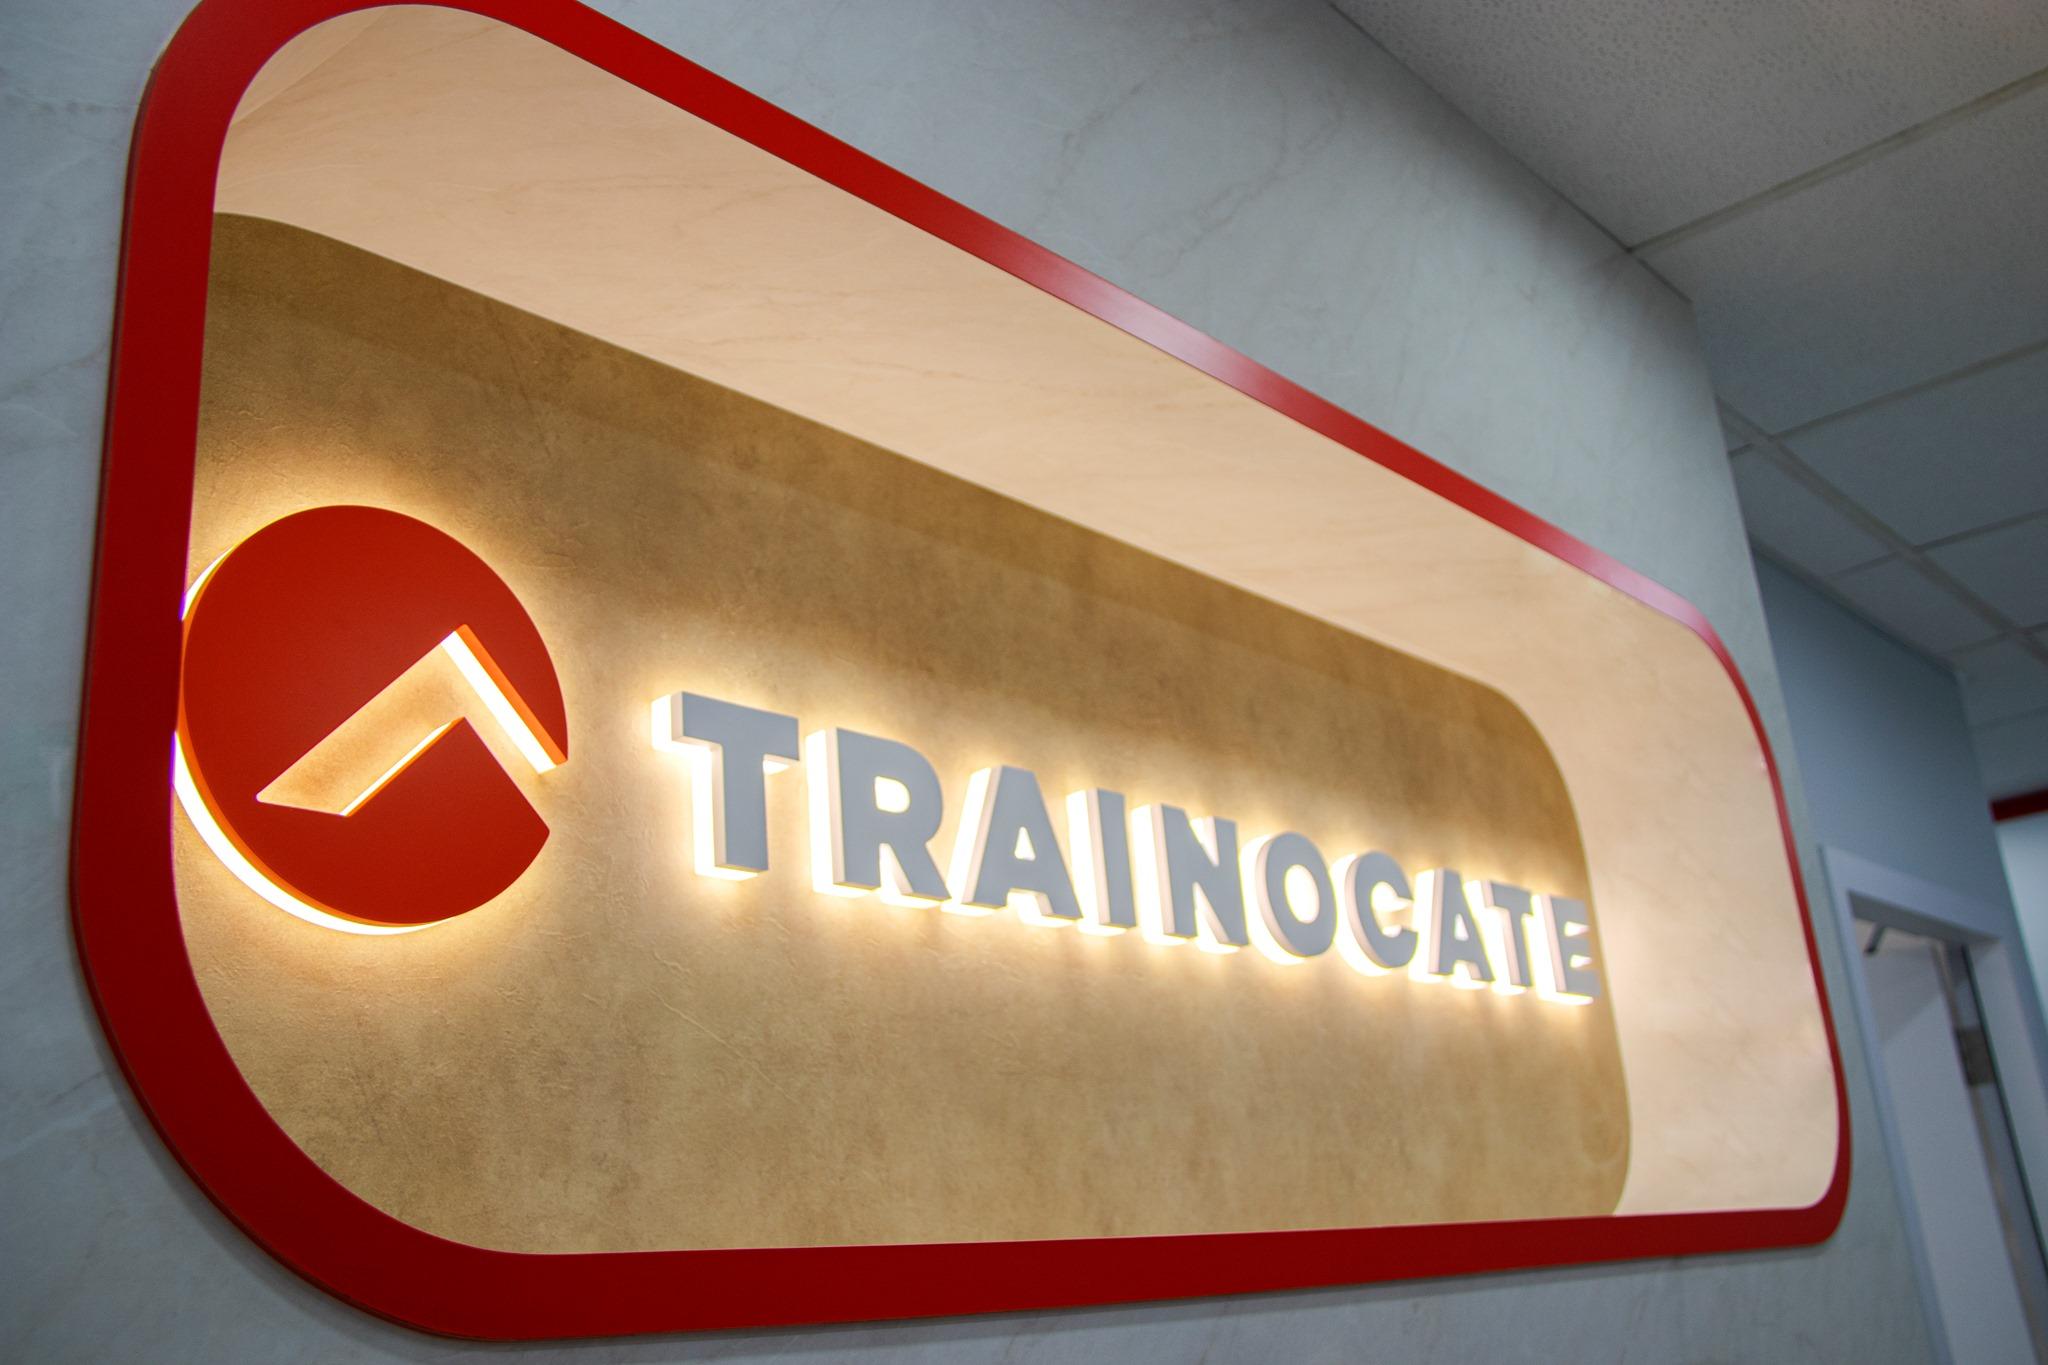 Trainocate